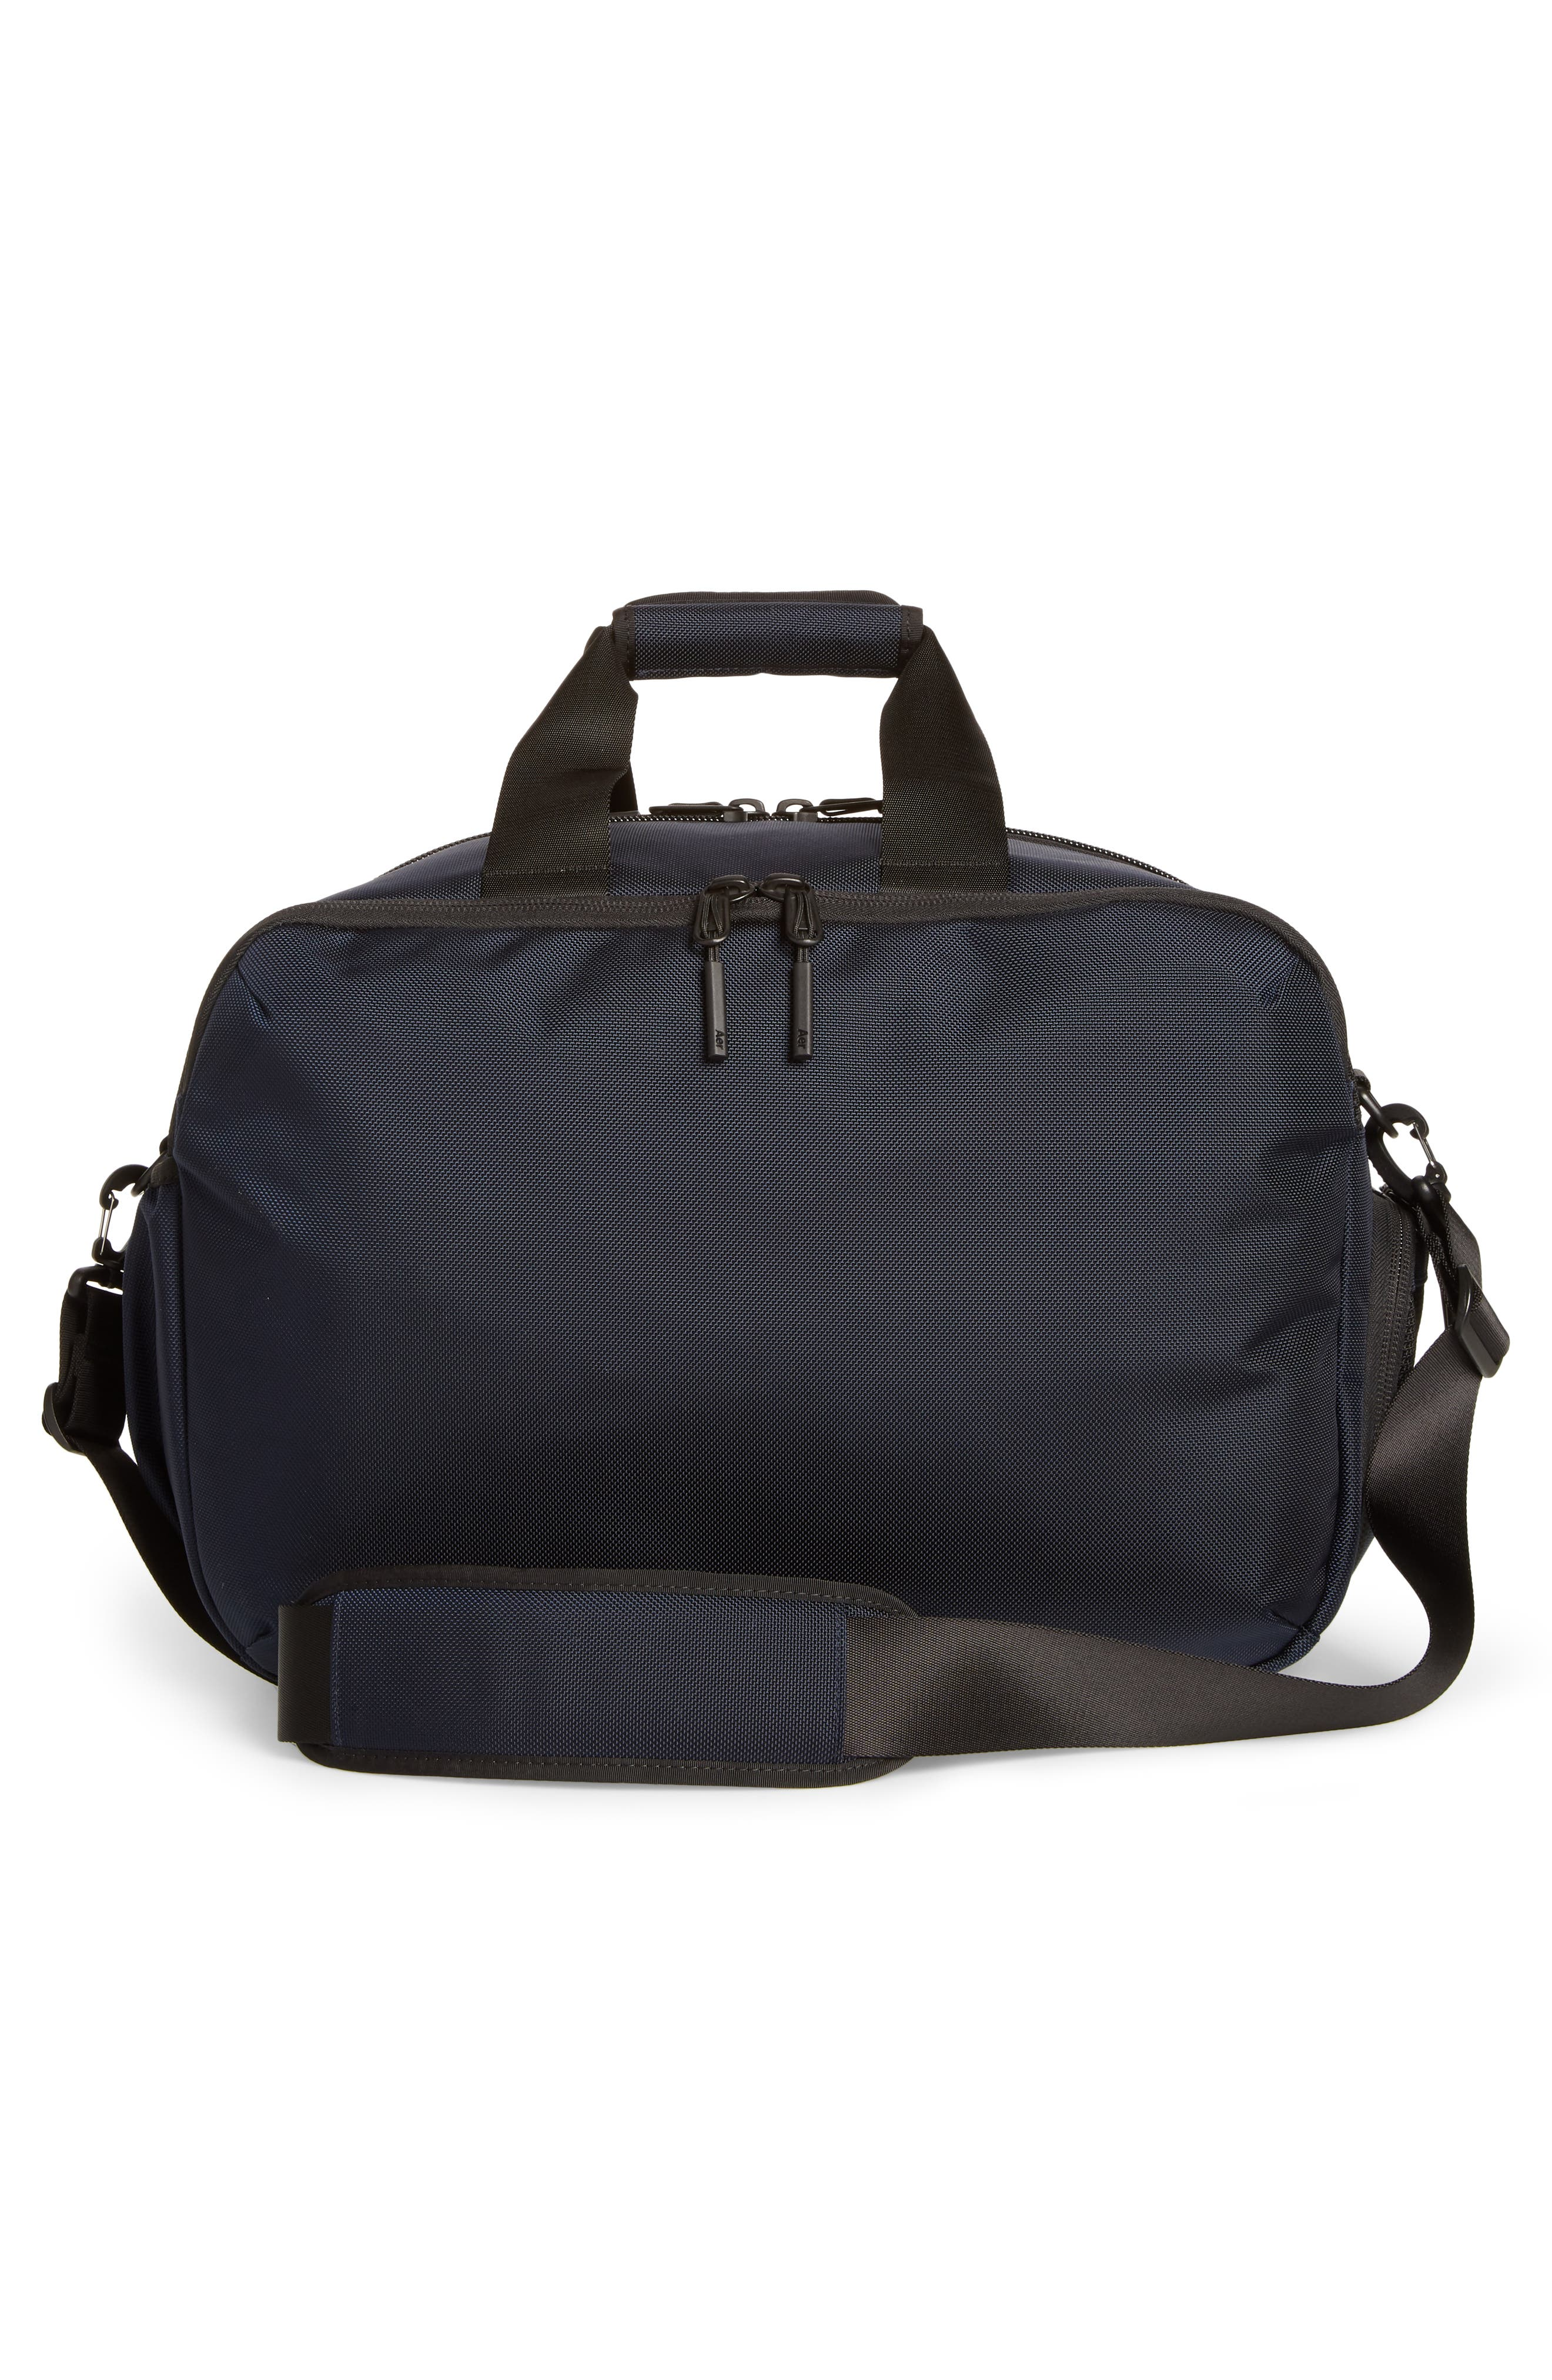 Alternate Image 3  - Aer Gym Duffel 2 Duffel Bag